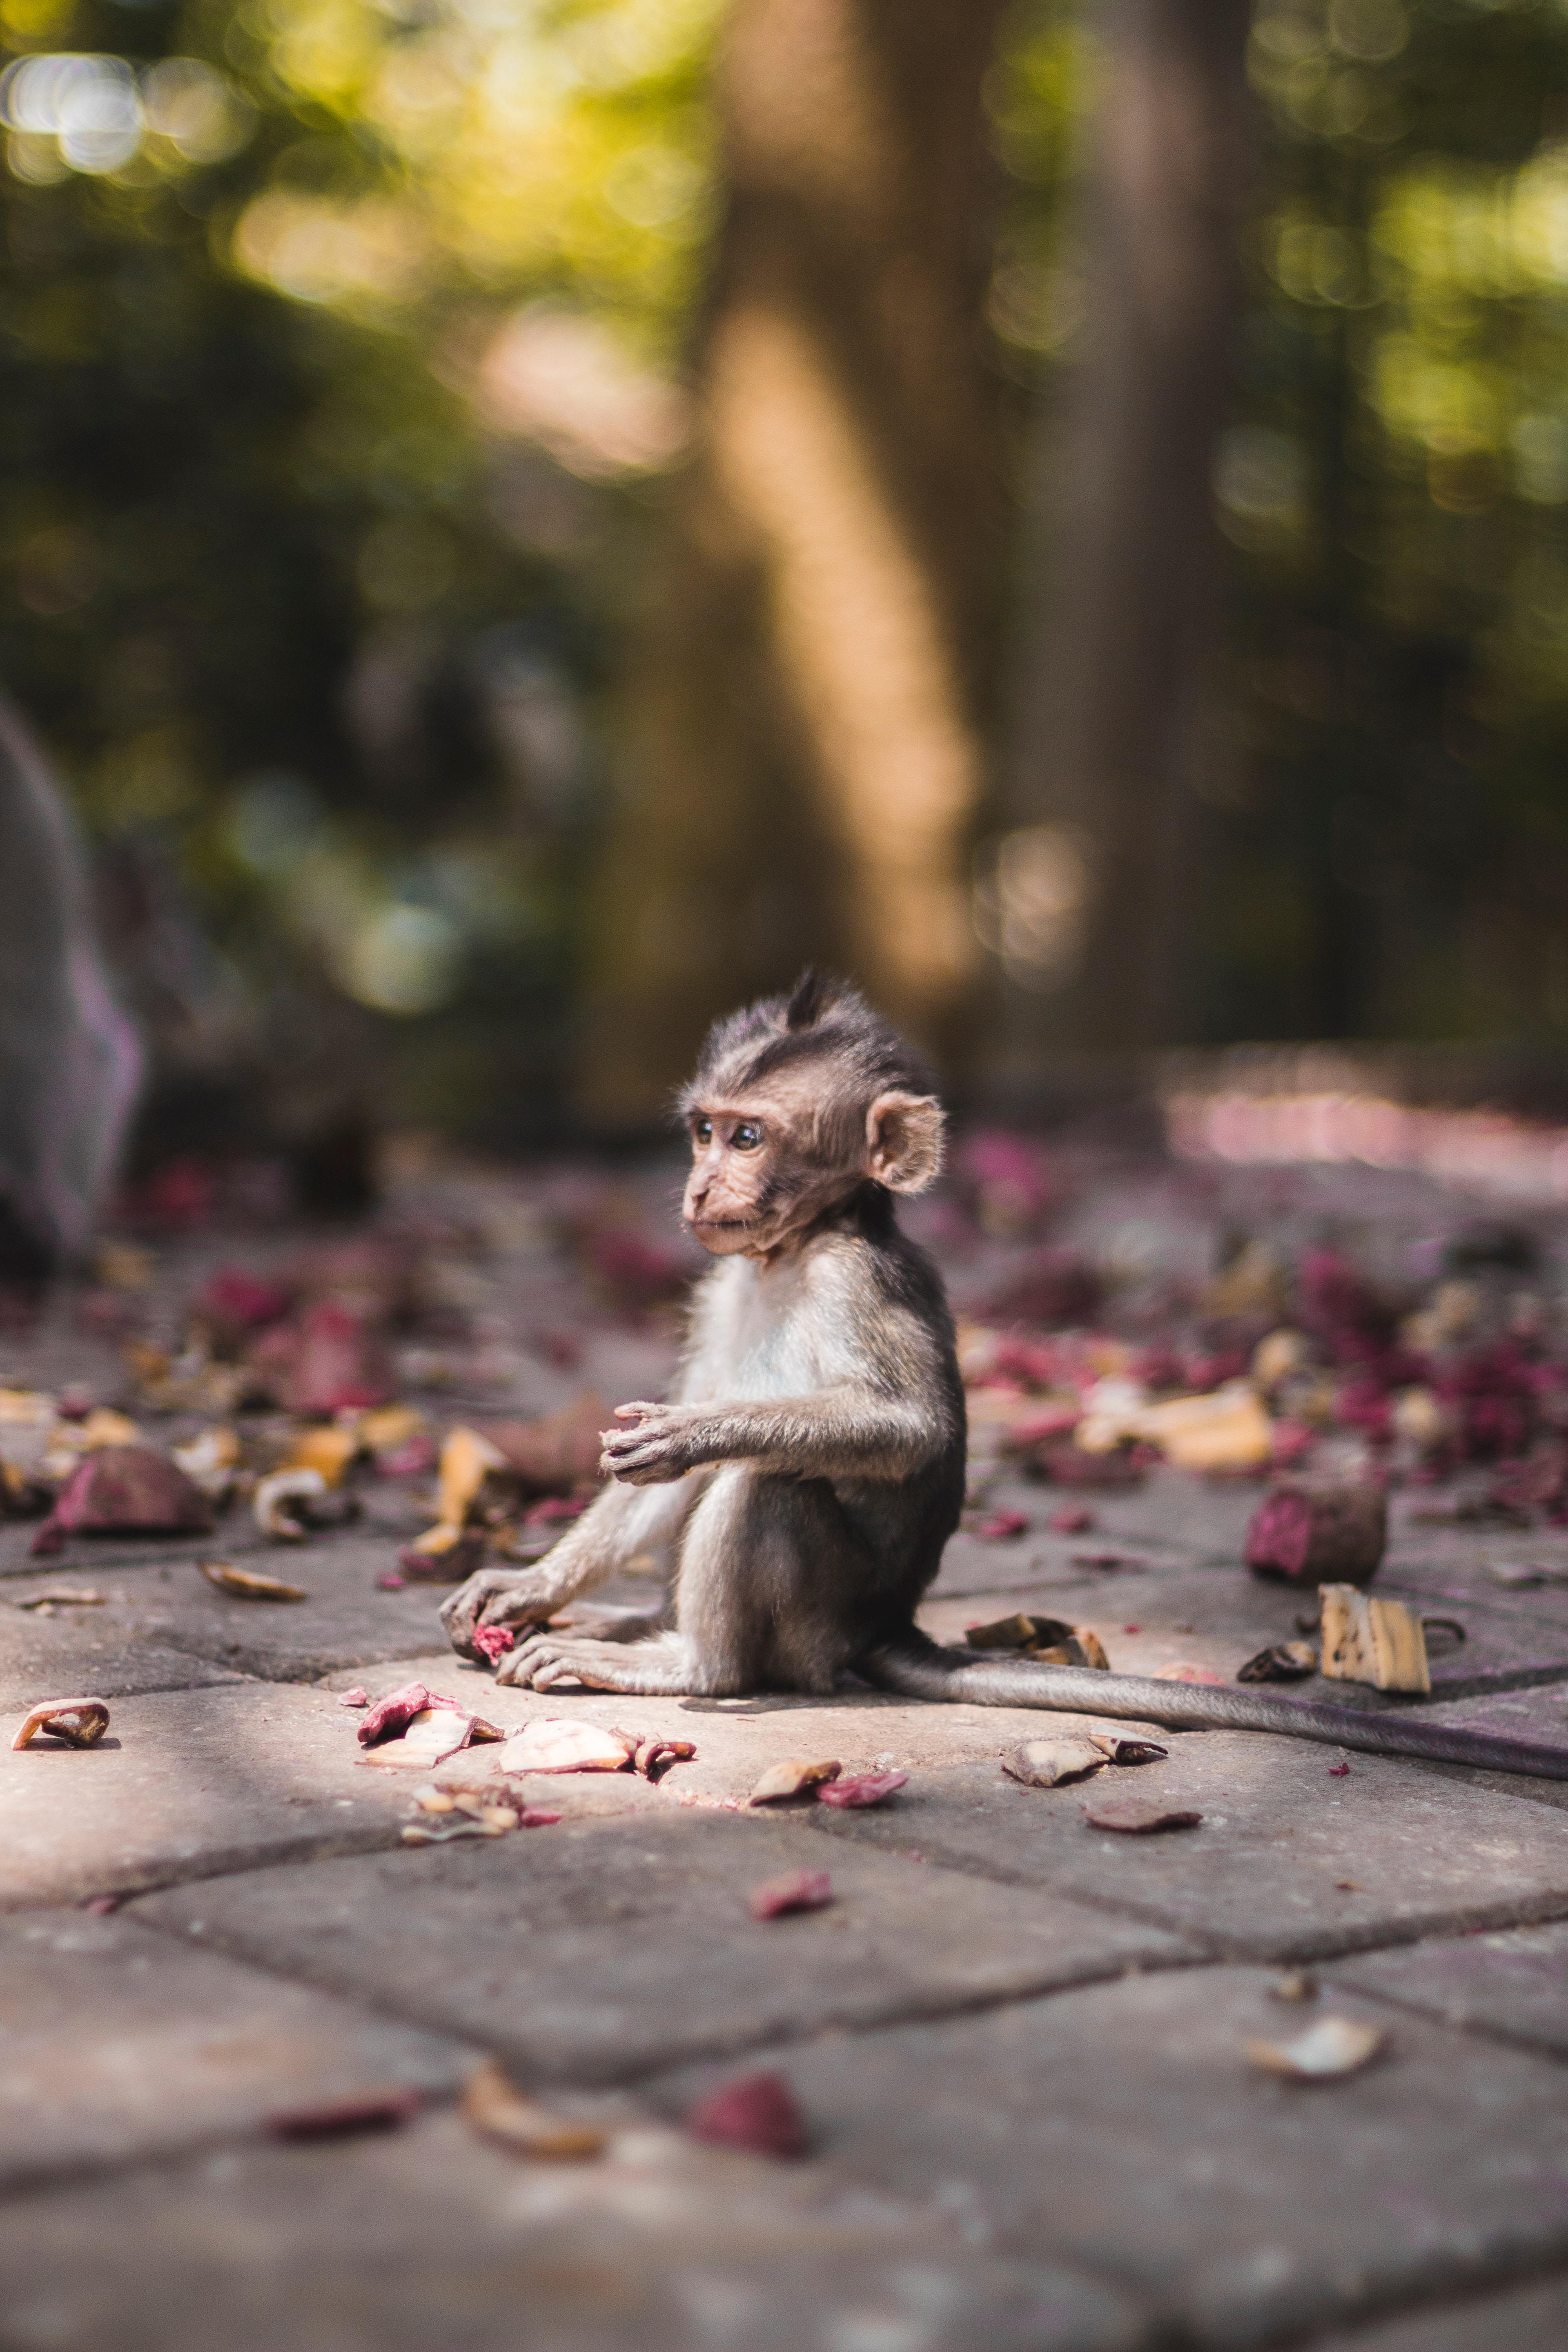 Baby monkey found in Sacred Monkey Forrest in Ubud, Bali